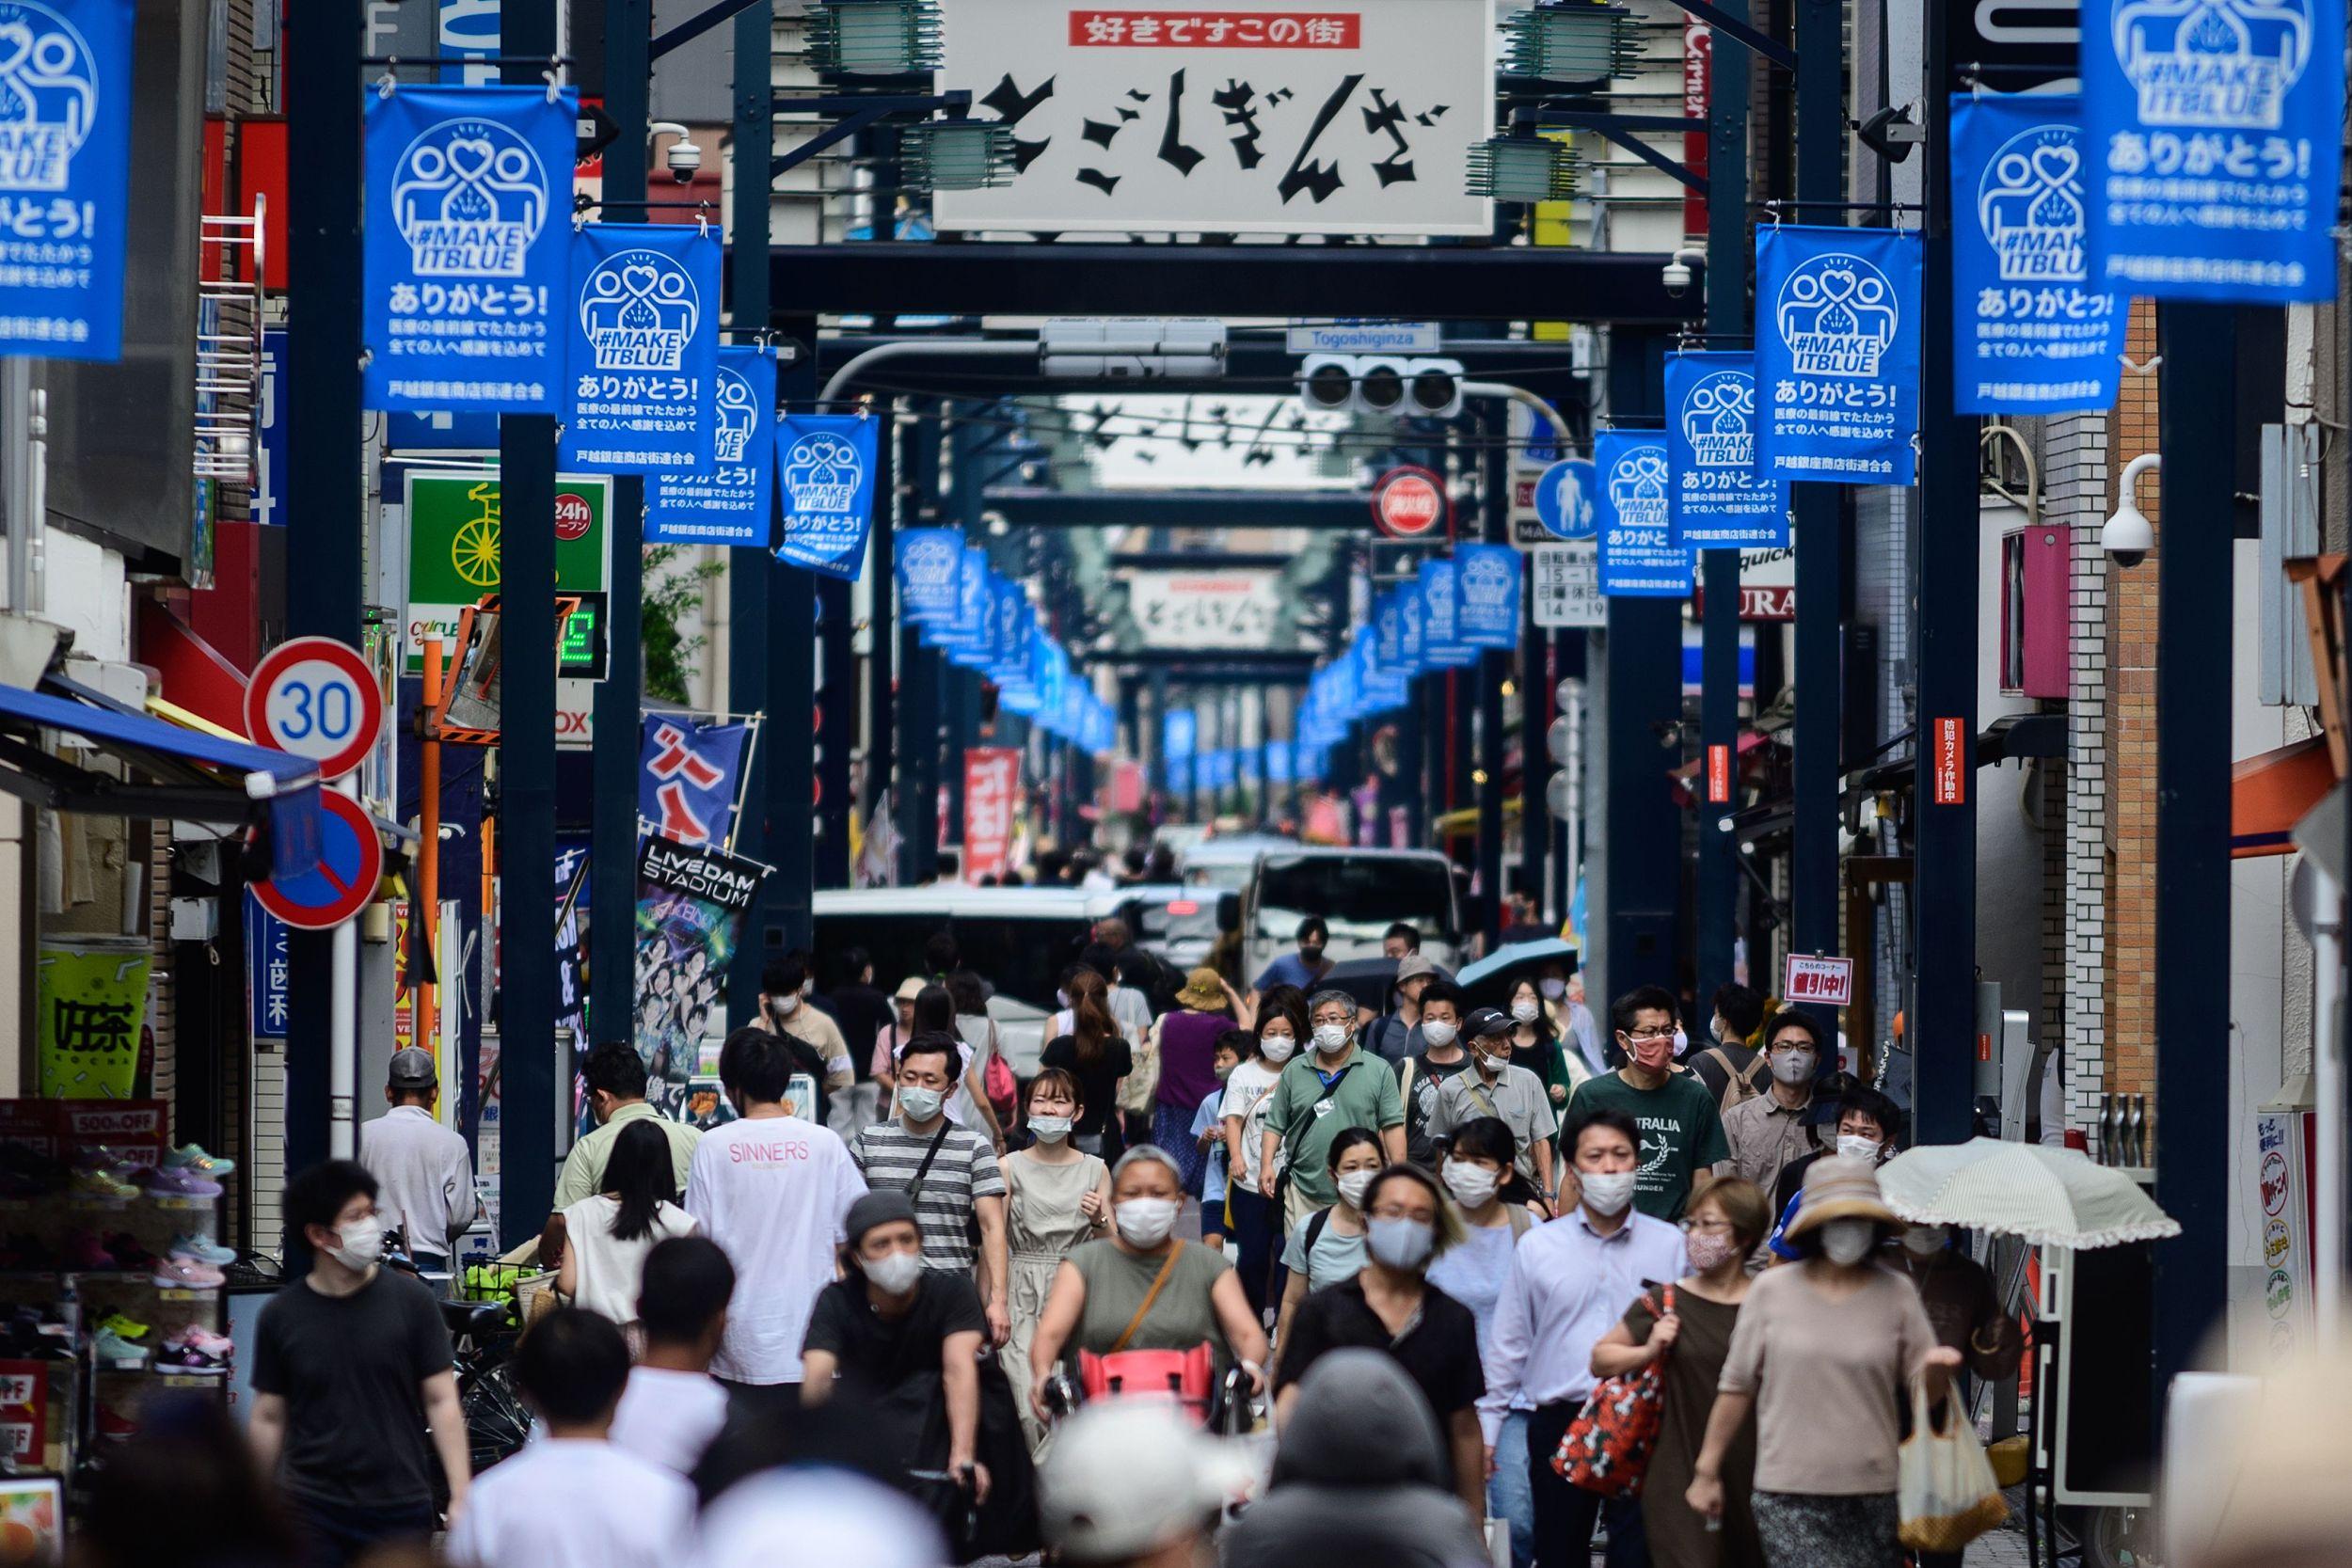 债券|美债最大海外买家撤了!日本投资者2月份减持56亿美元